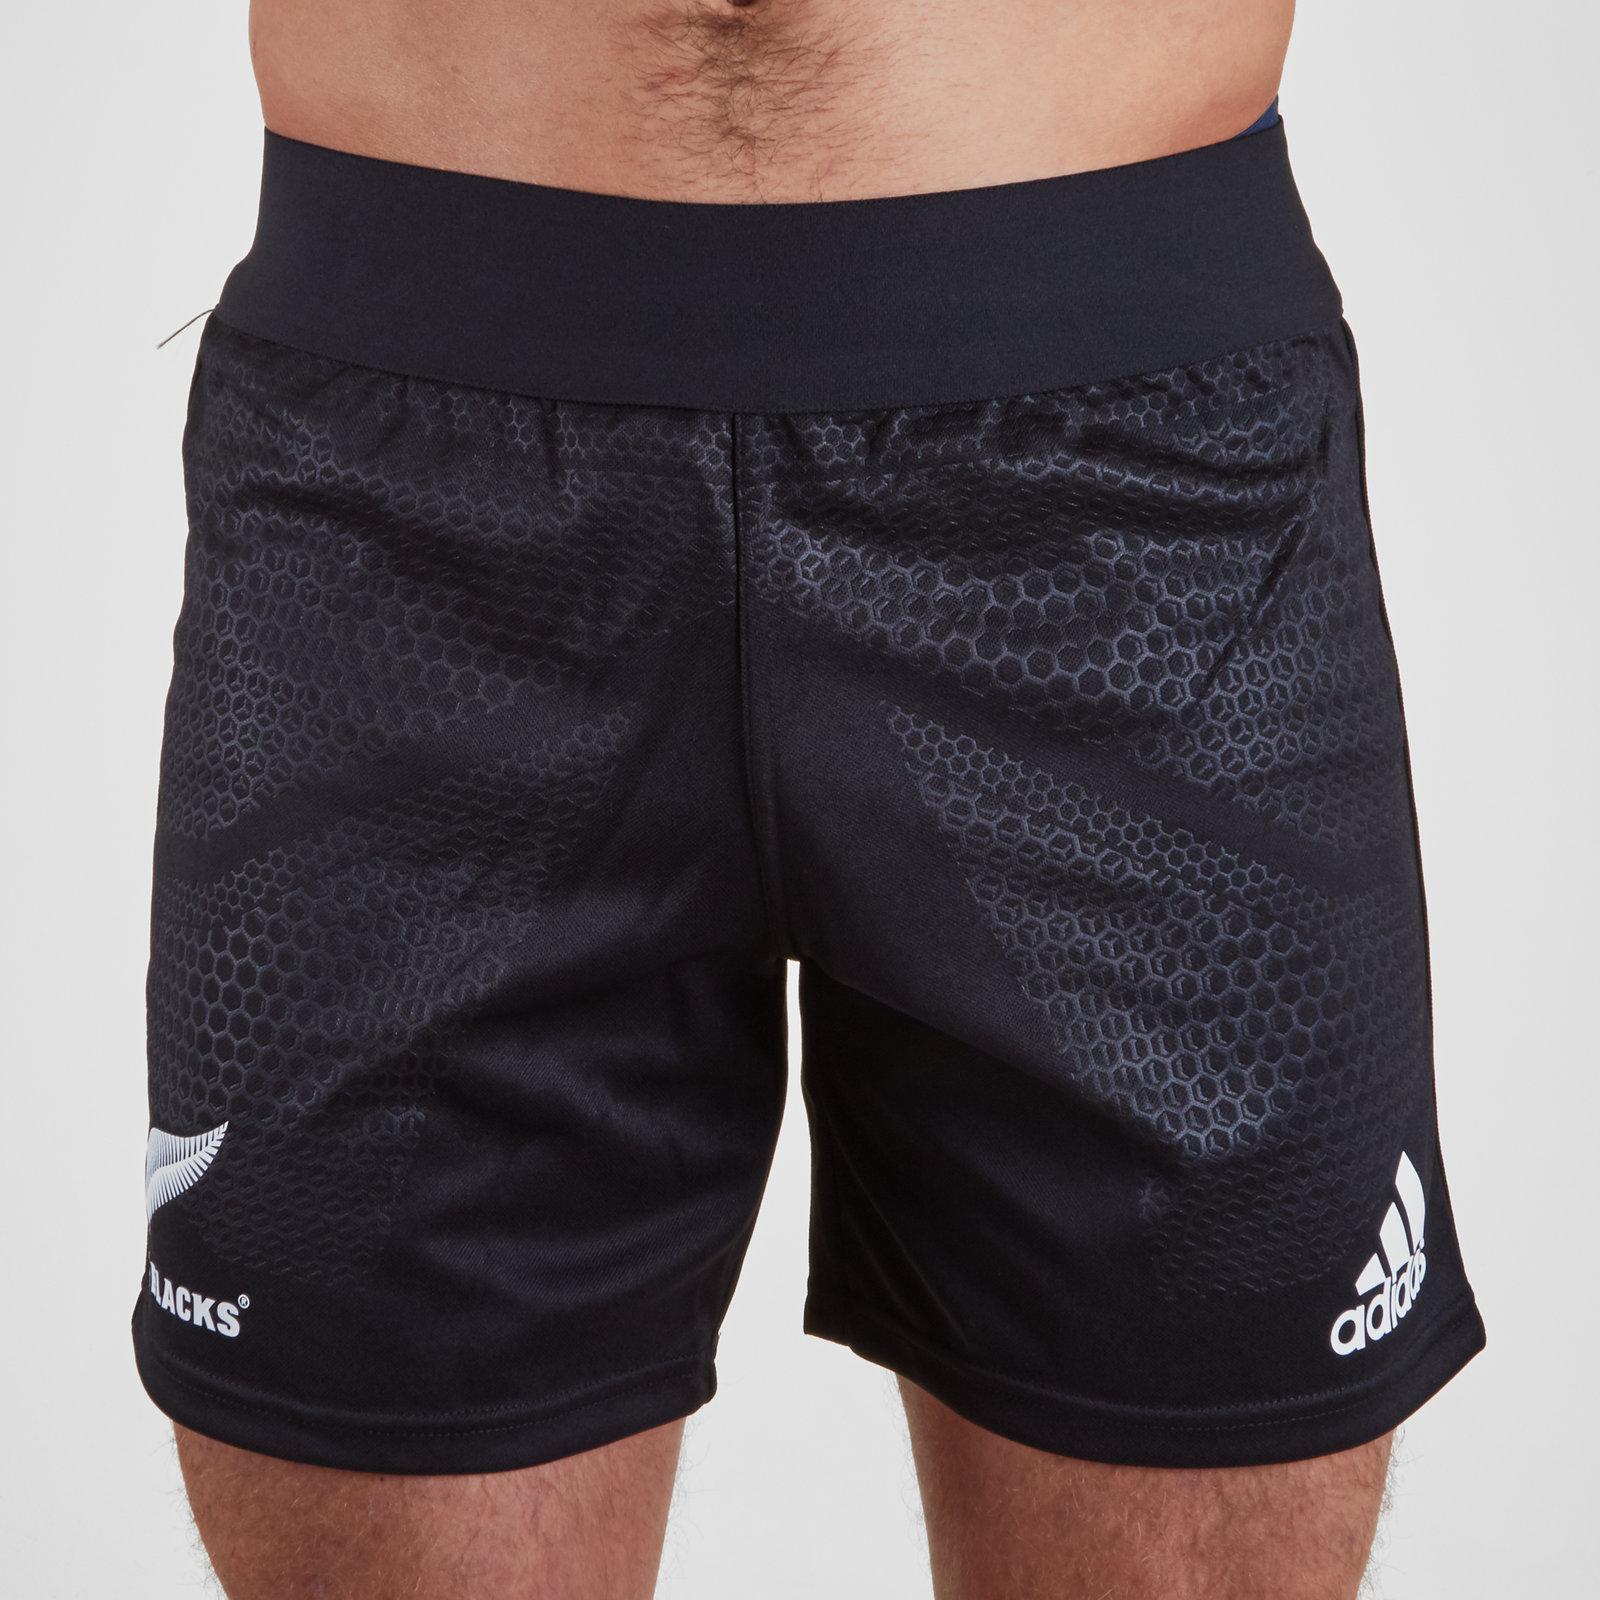 New Peformance Shorts